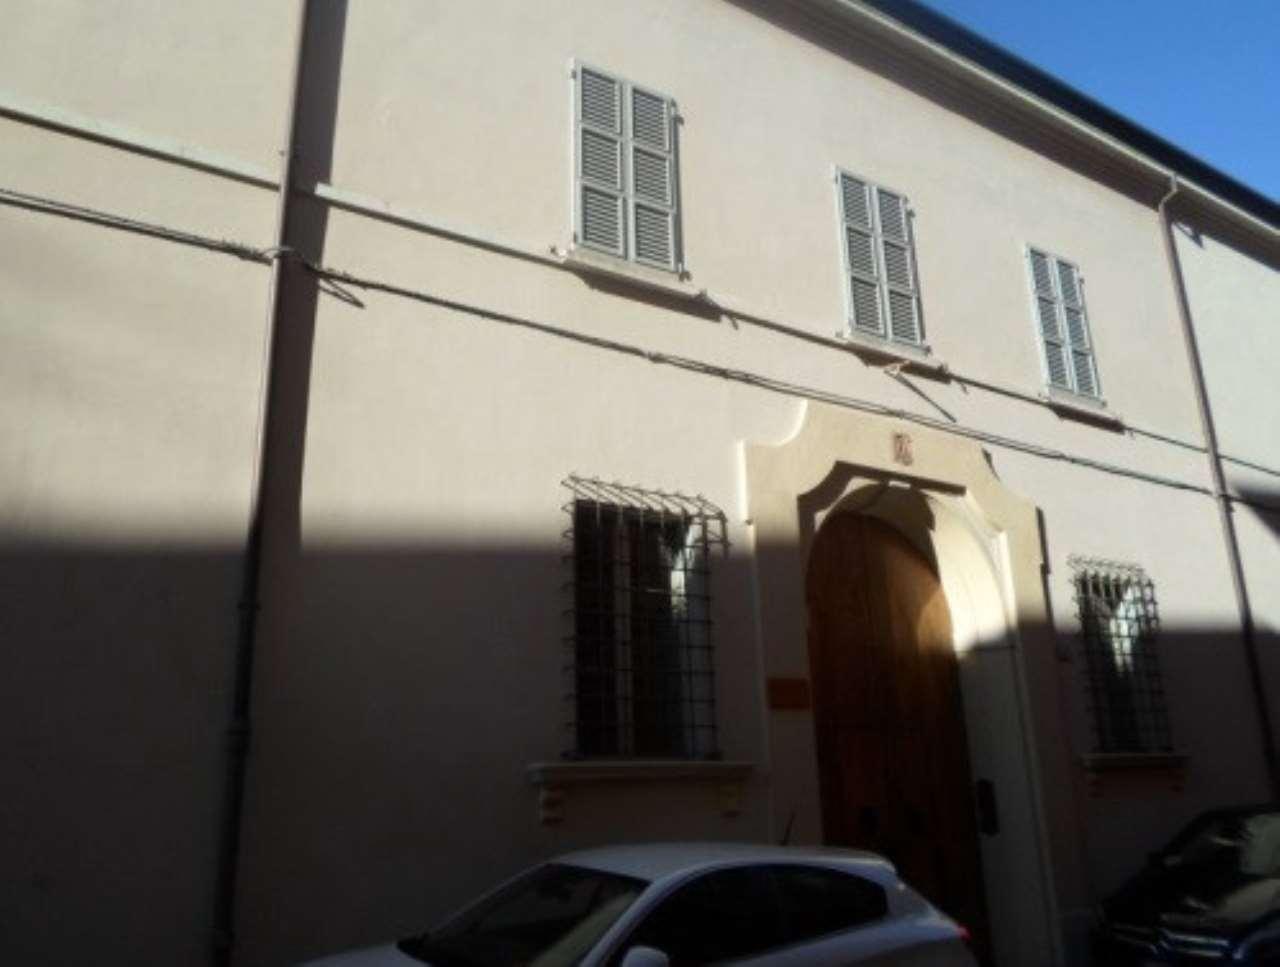 Foto 1 di Box / Garage Via XX Settembre - Via Fanini, Faenza